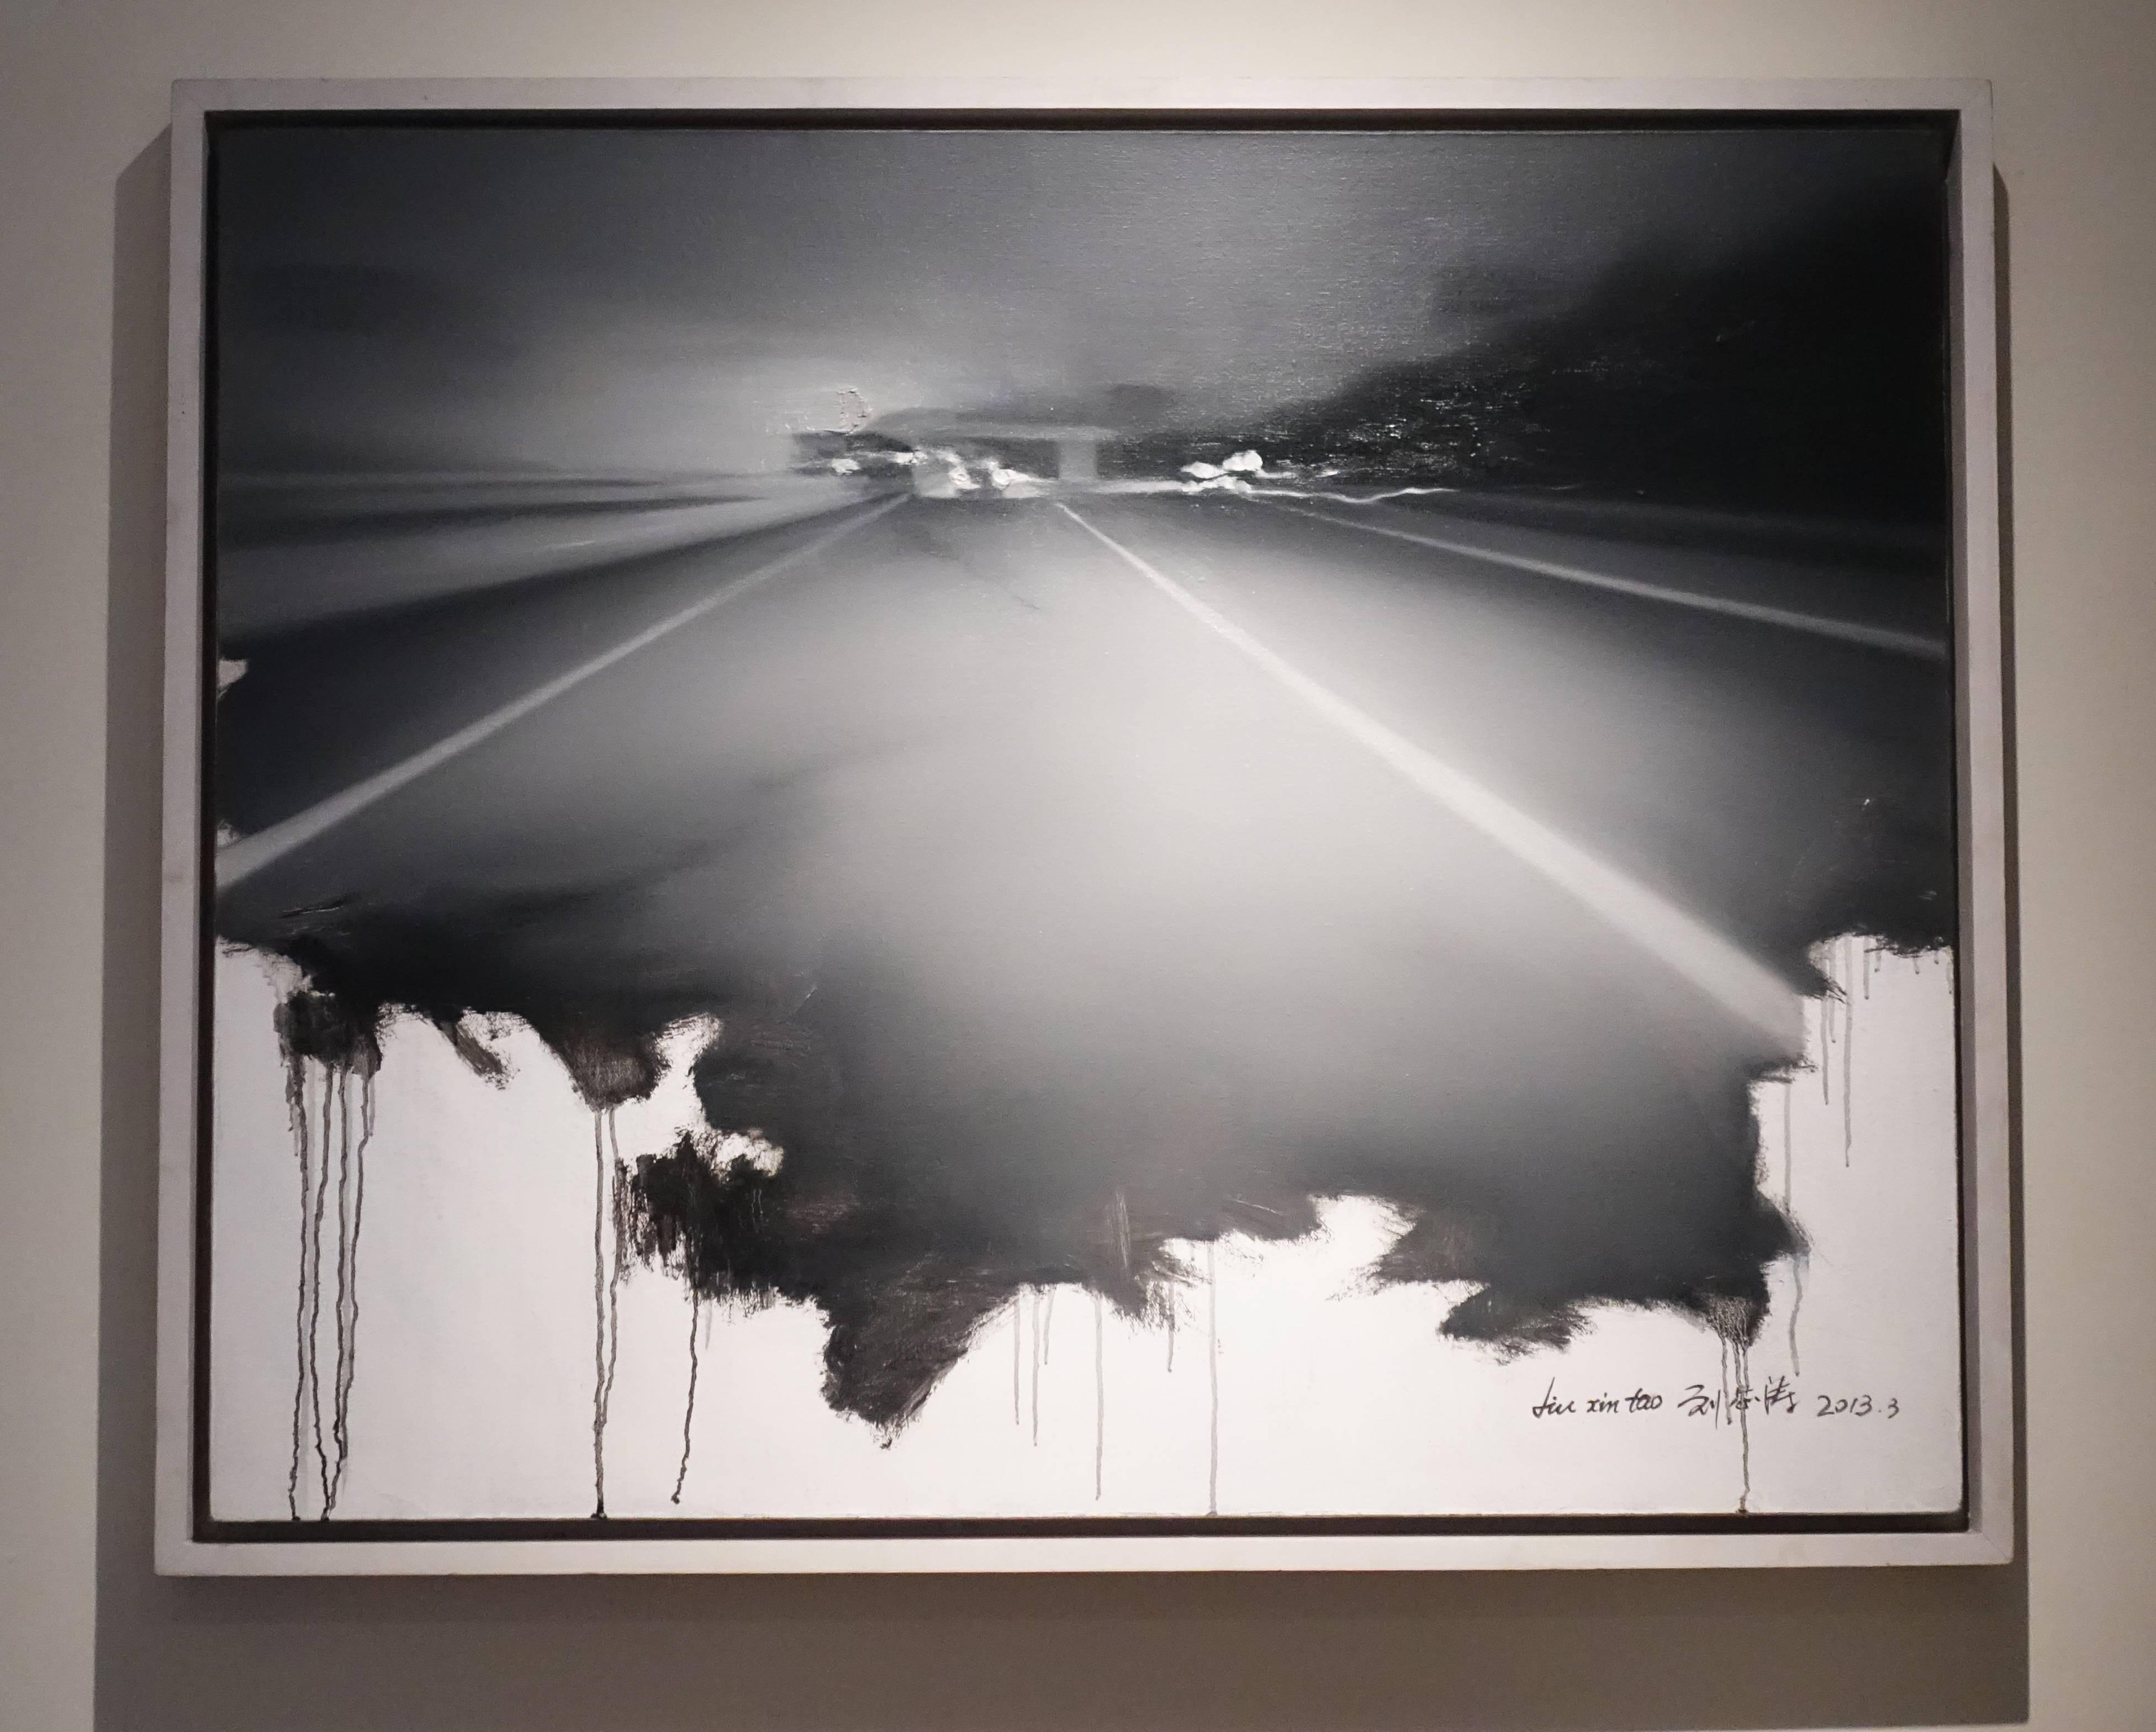 劉芯濤,《在路上之三》,100 x 80 cm,布面油畫,2013。